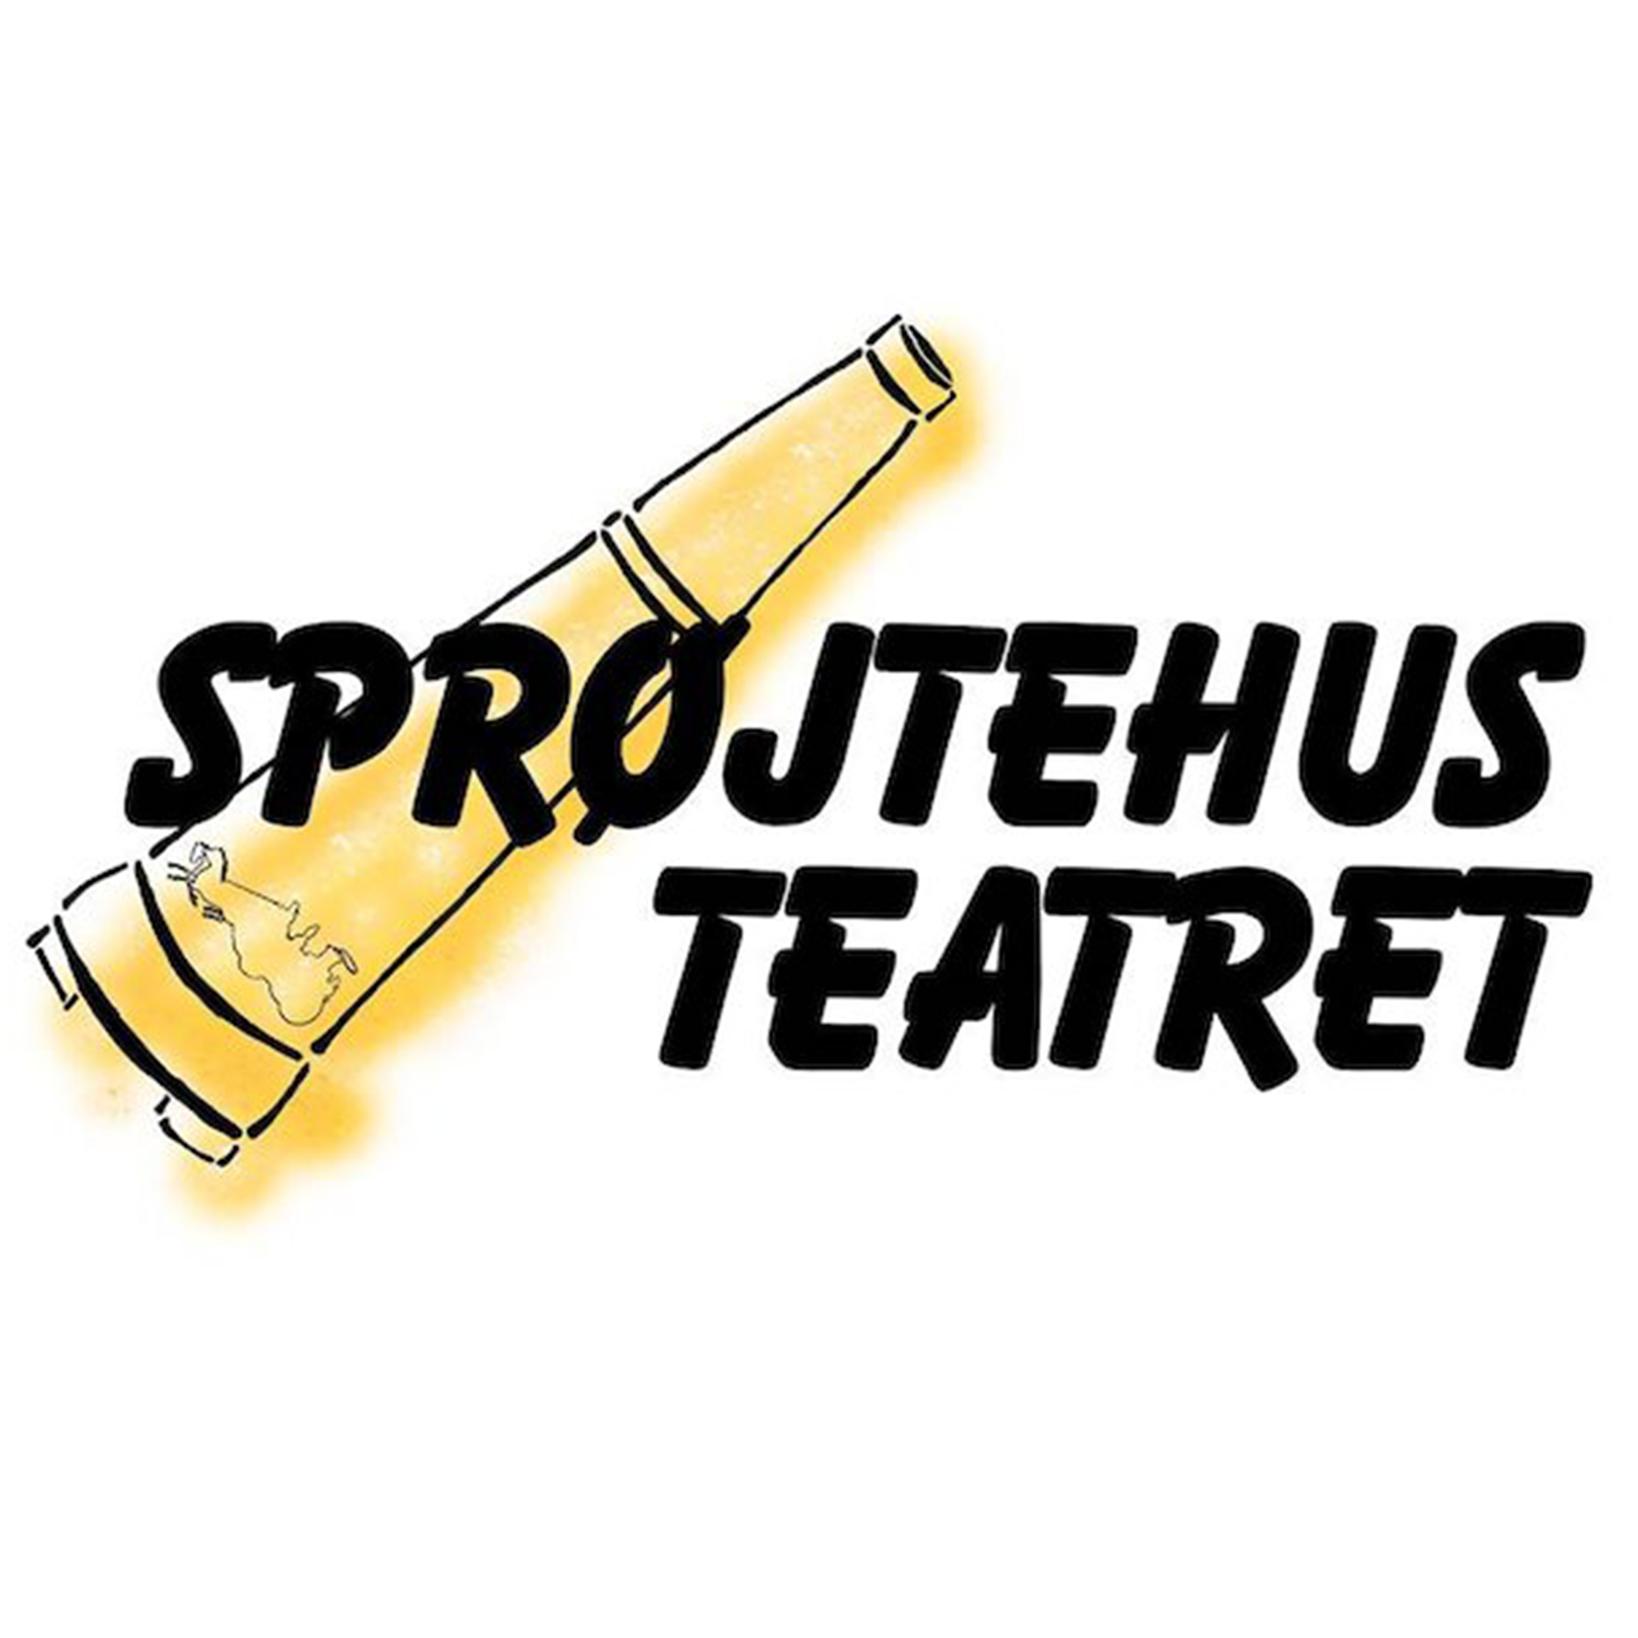 Sprøjtehusteatret logo